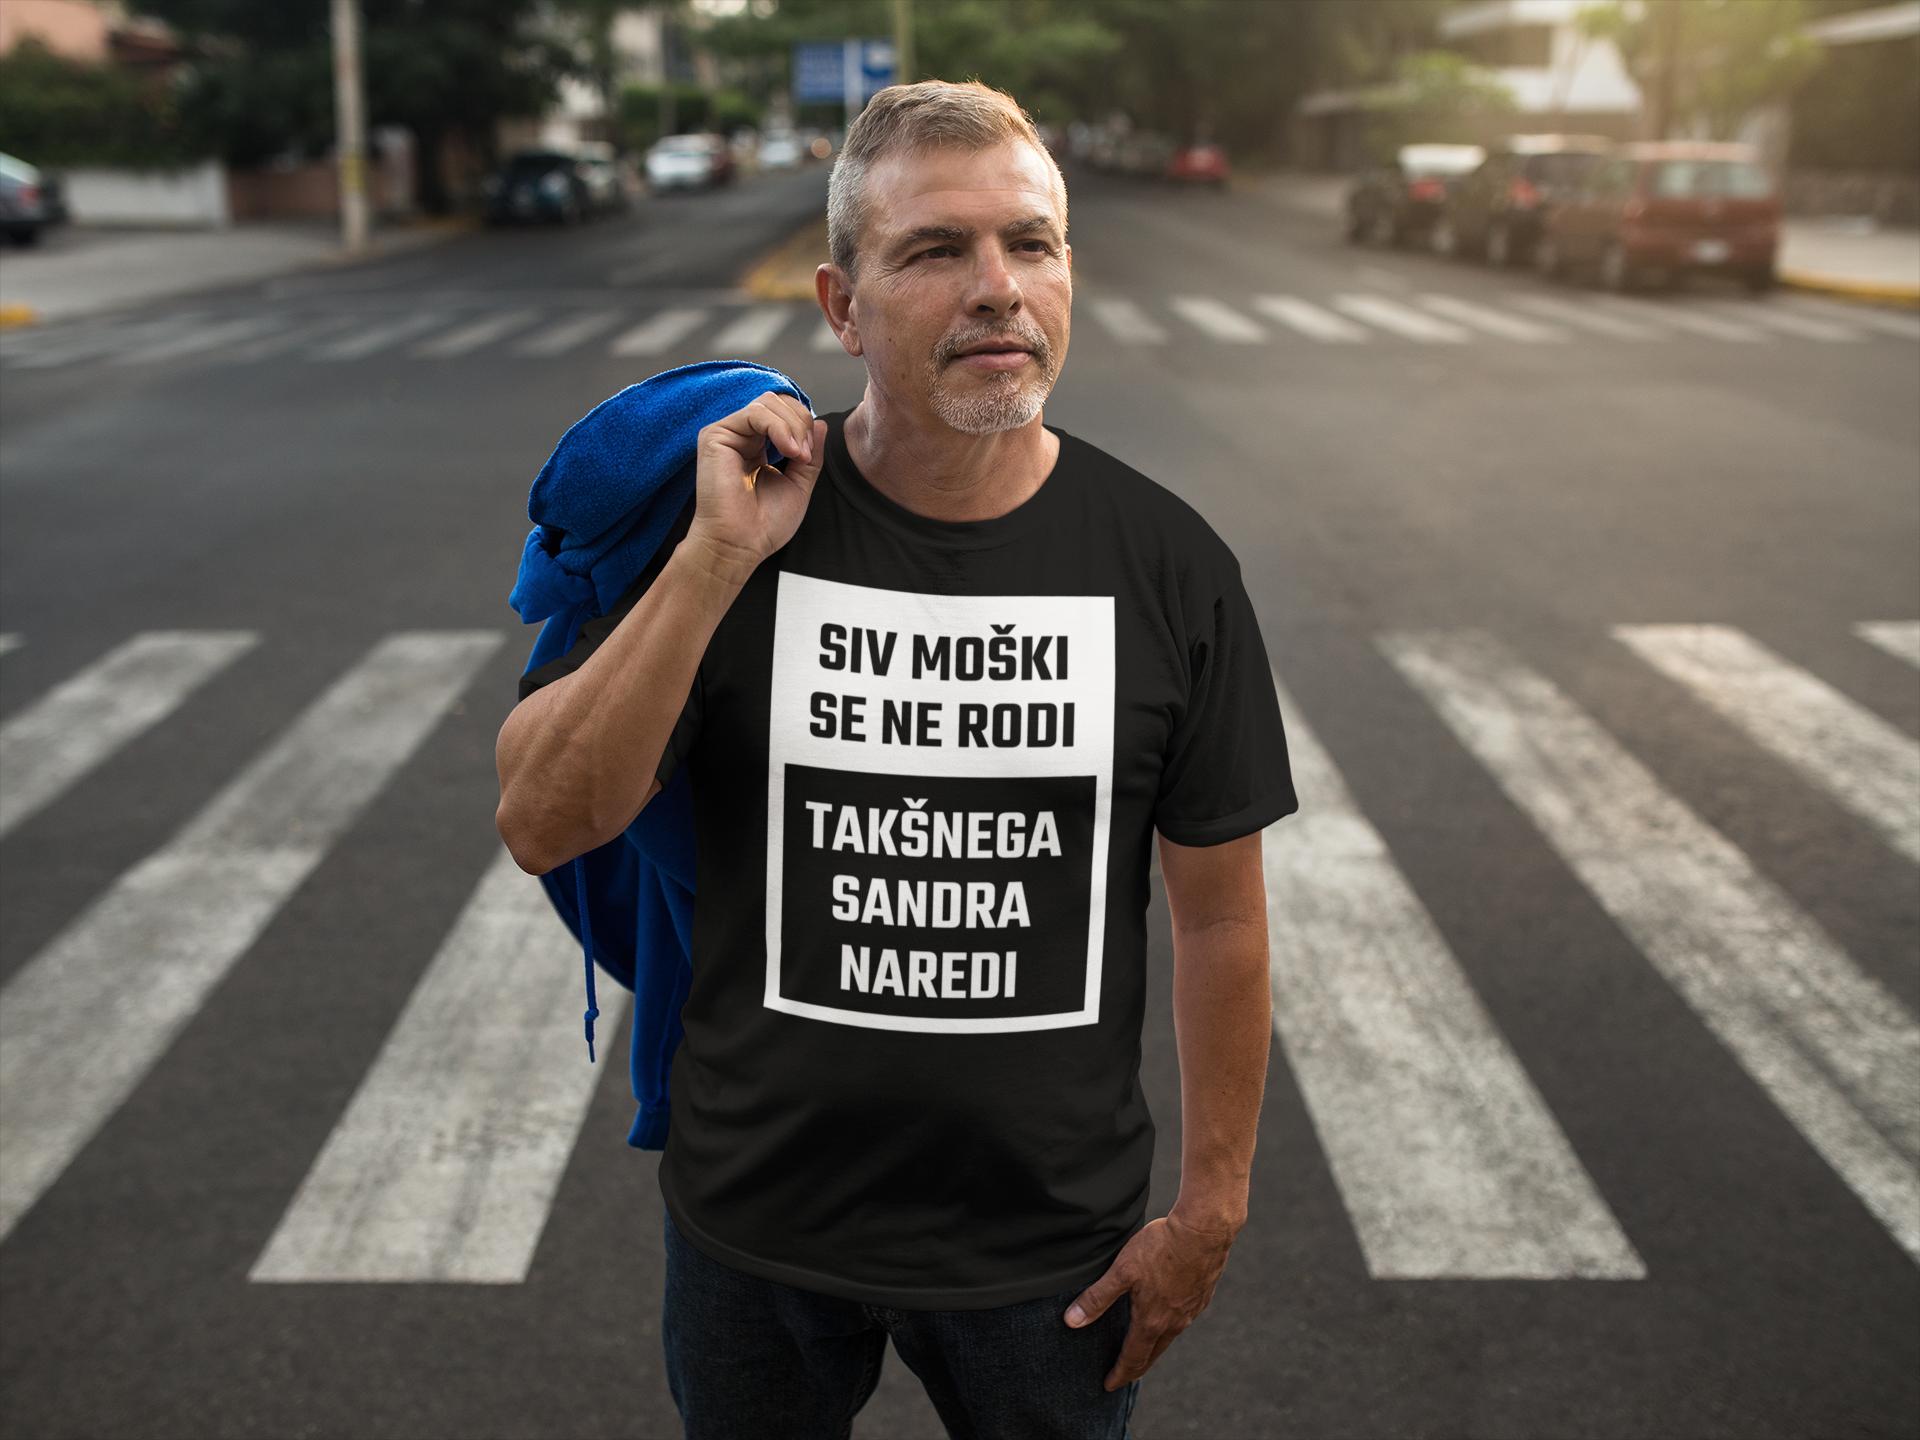 Smešna majica siv moški